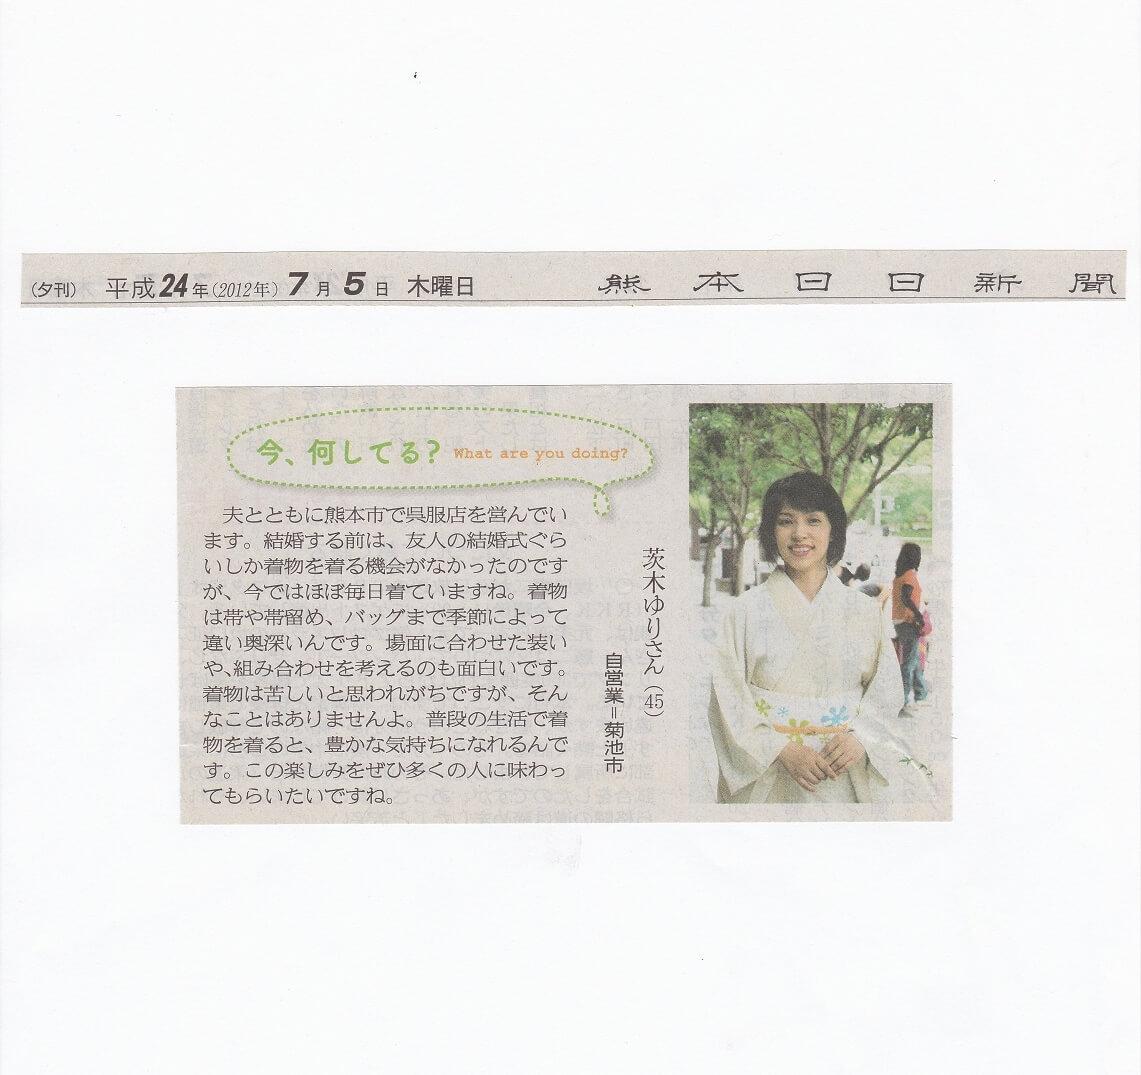 2012.0705 熊日夕刊「今何してる?」